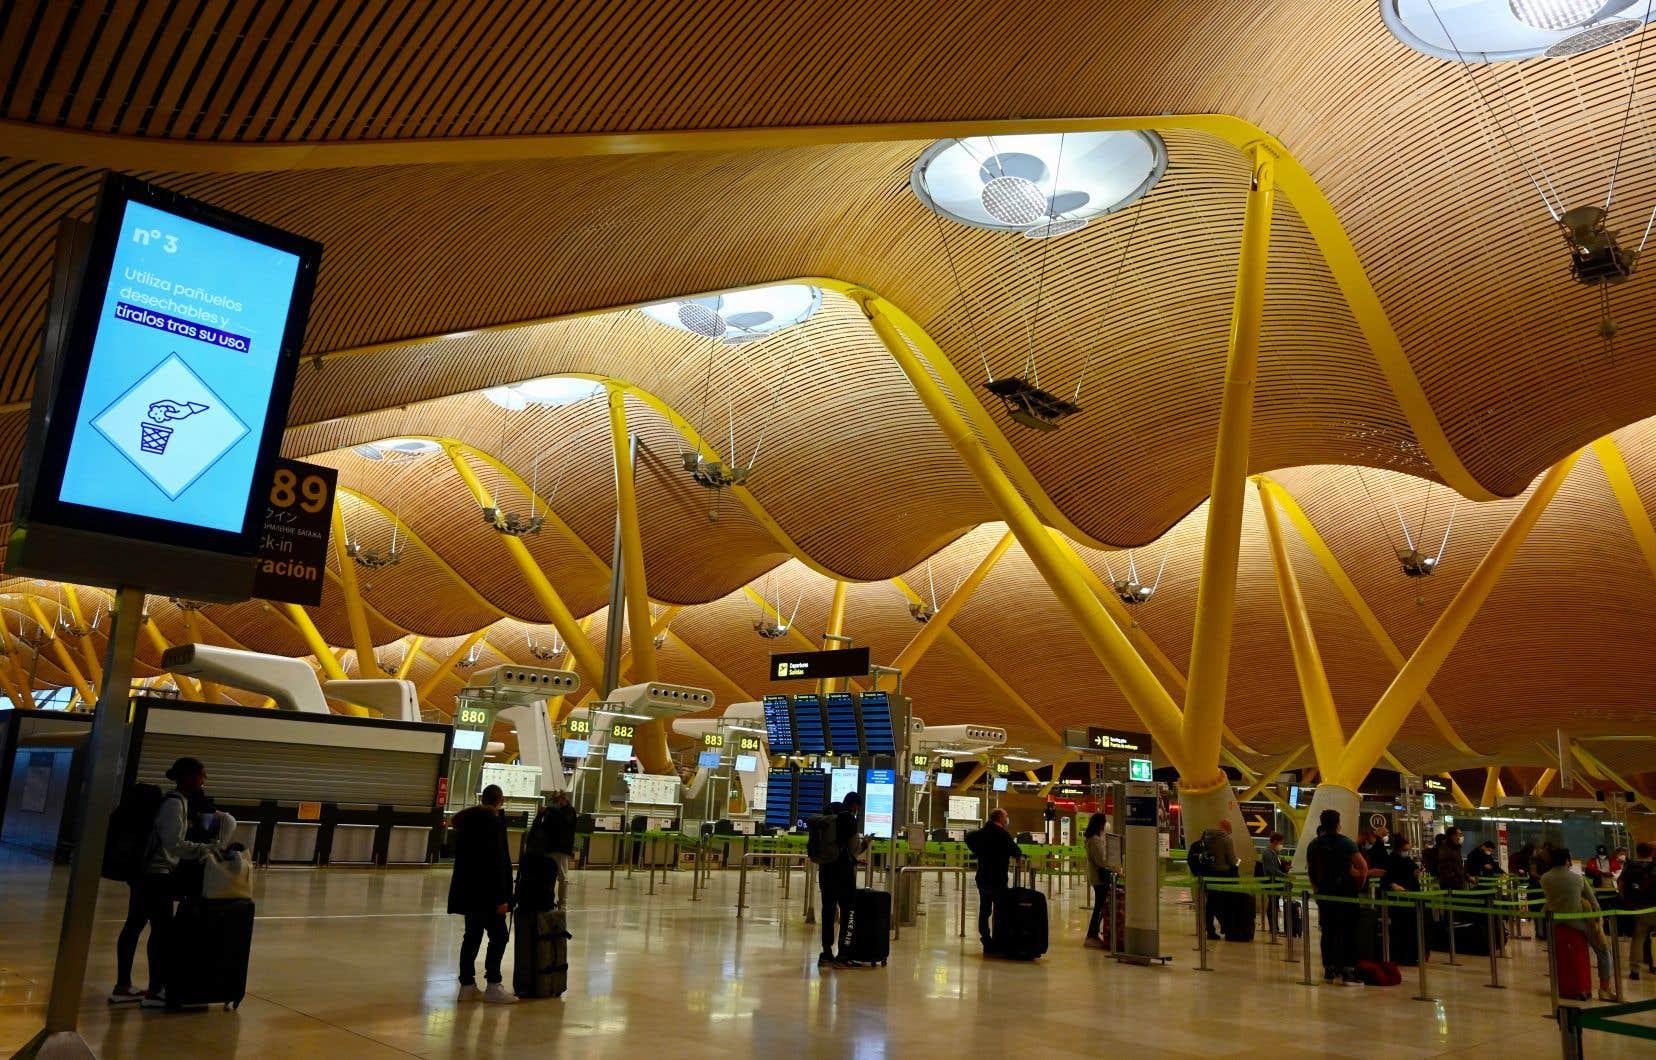 Des passagers font la file à l'aéroport Barajas Adolfo Suarez de Madrid, la ville où se situe le siège de l'Organisation mondiale du tourisme.